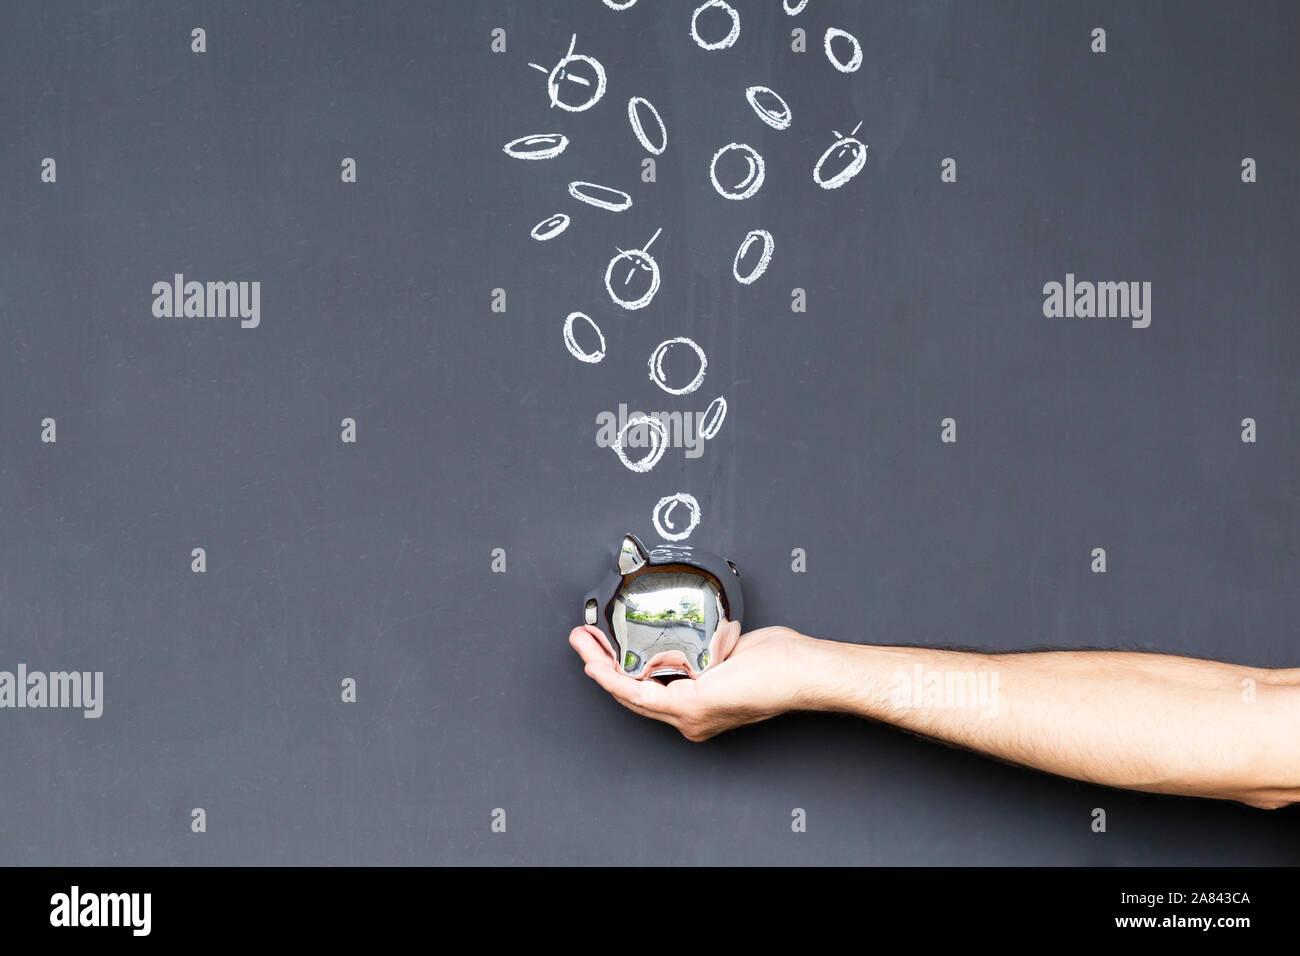 Konzept der Geld sparen mit einem silberfarbenen Sparschwein in der Hand vor einer Tafel mit Hand gezeichnet Münzen statt Stockfoto